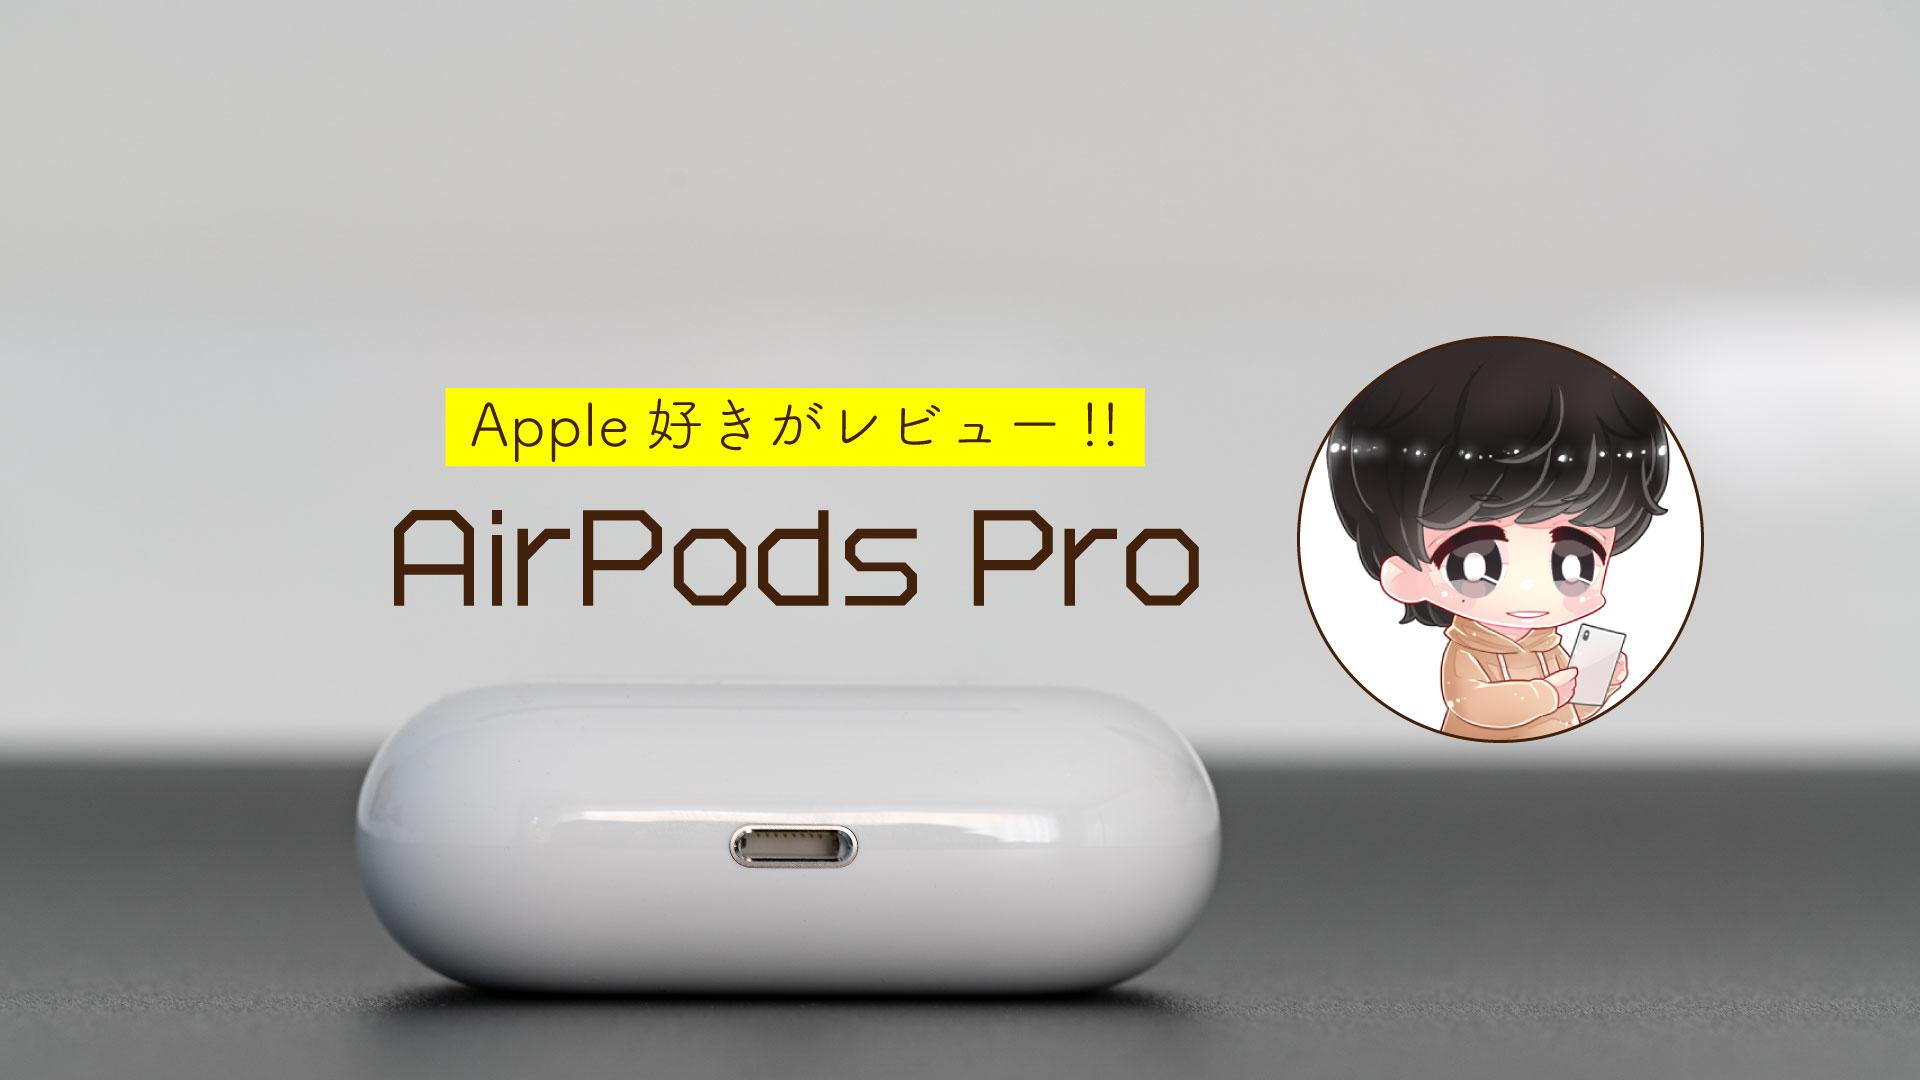 airpodsProで使えるおすすめワイヤレス充電器を紹介!最強の3in1はこれ!